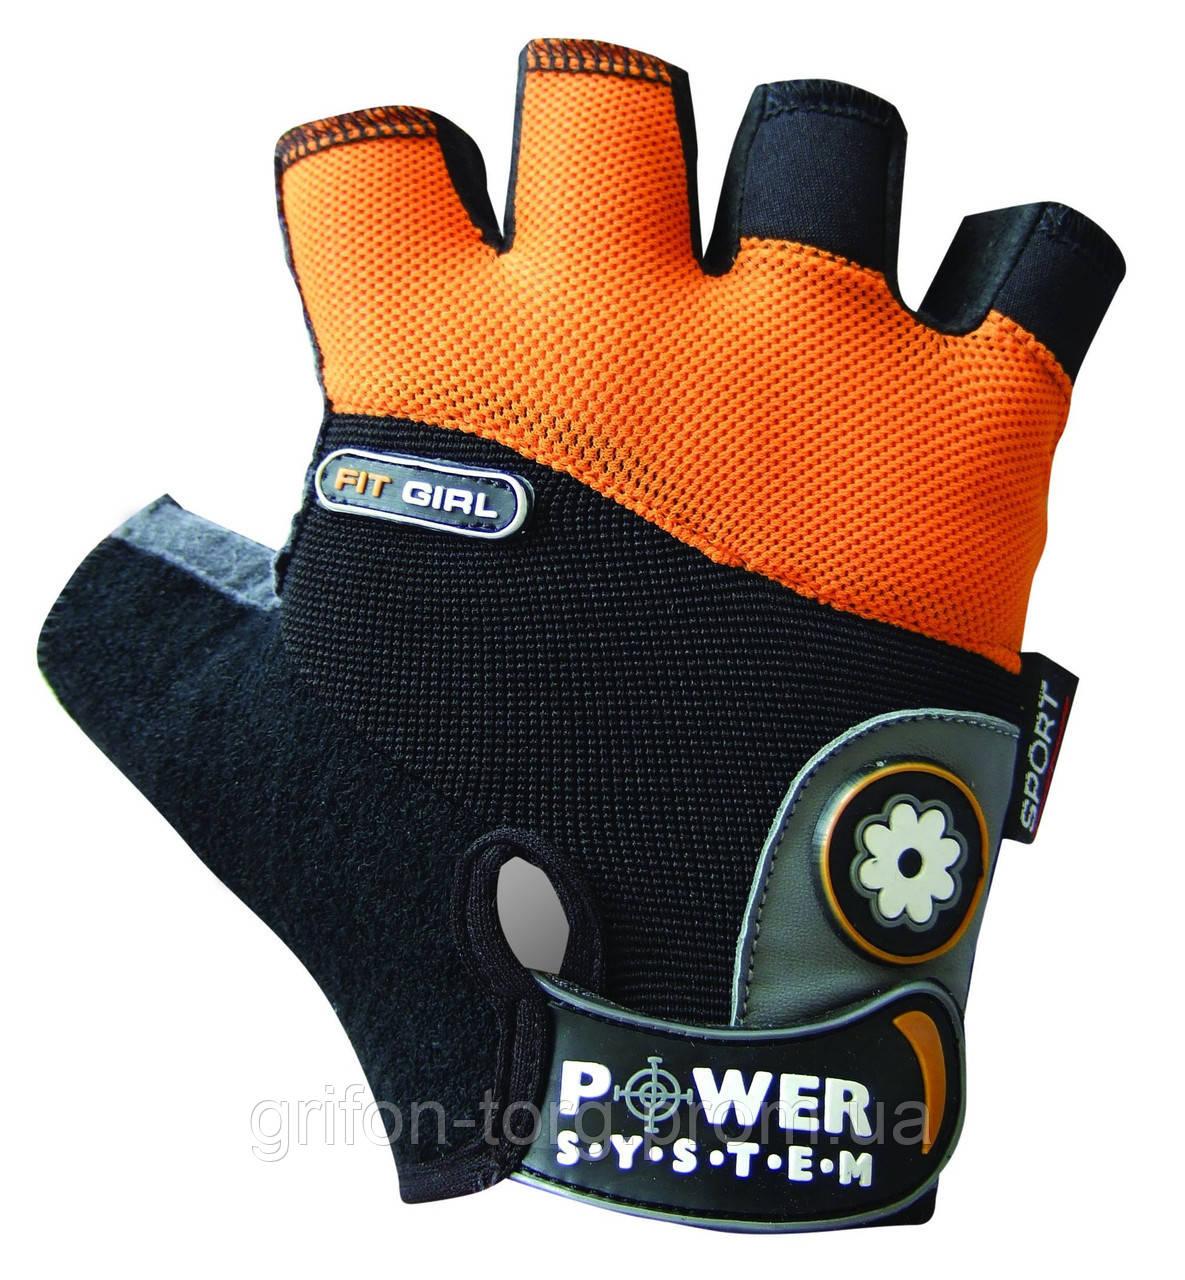 Рукавички для фітнесу і важкої атлетики Power System Fit Girl Жіночі PS-2900 Black/Orange M